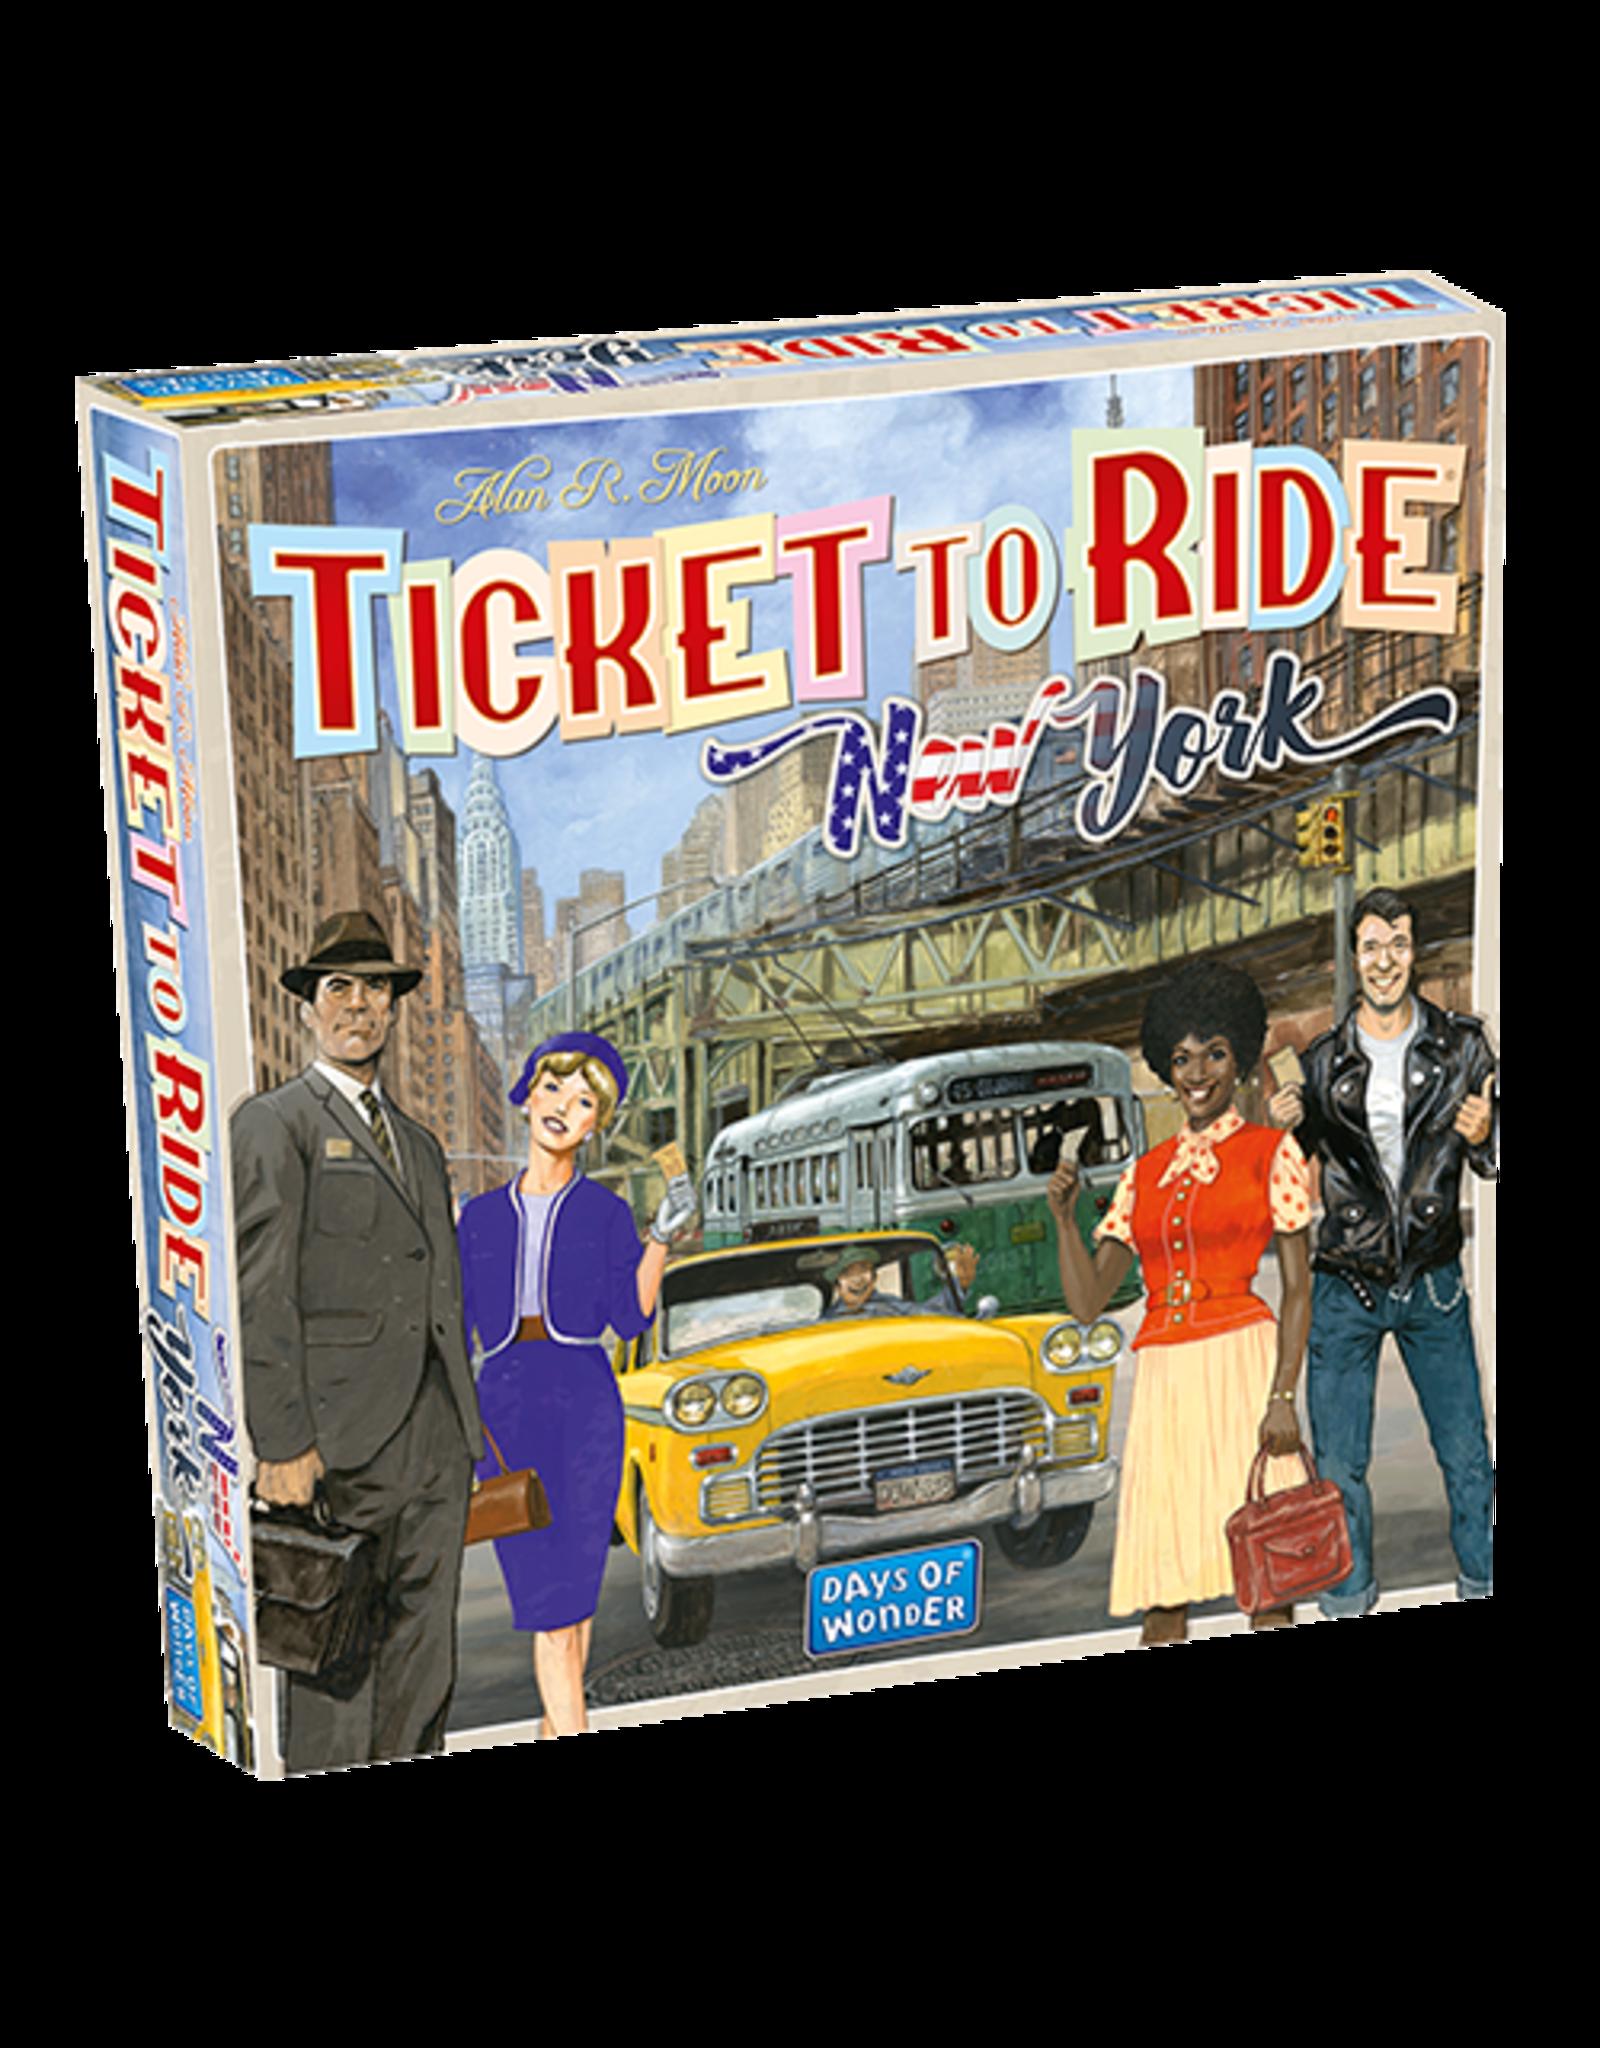 Days of Wonder Ticket to Ride New York